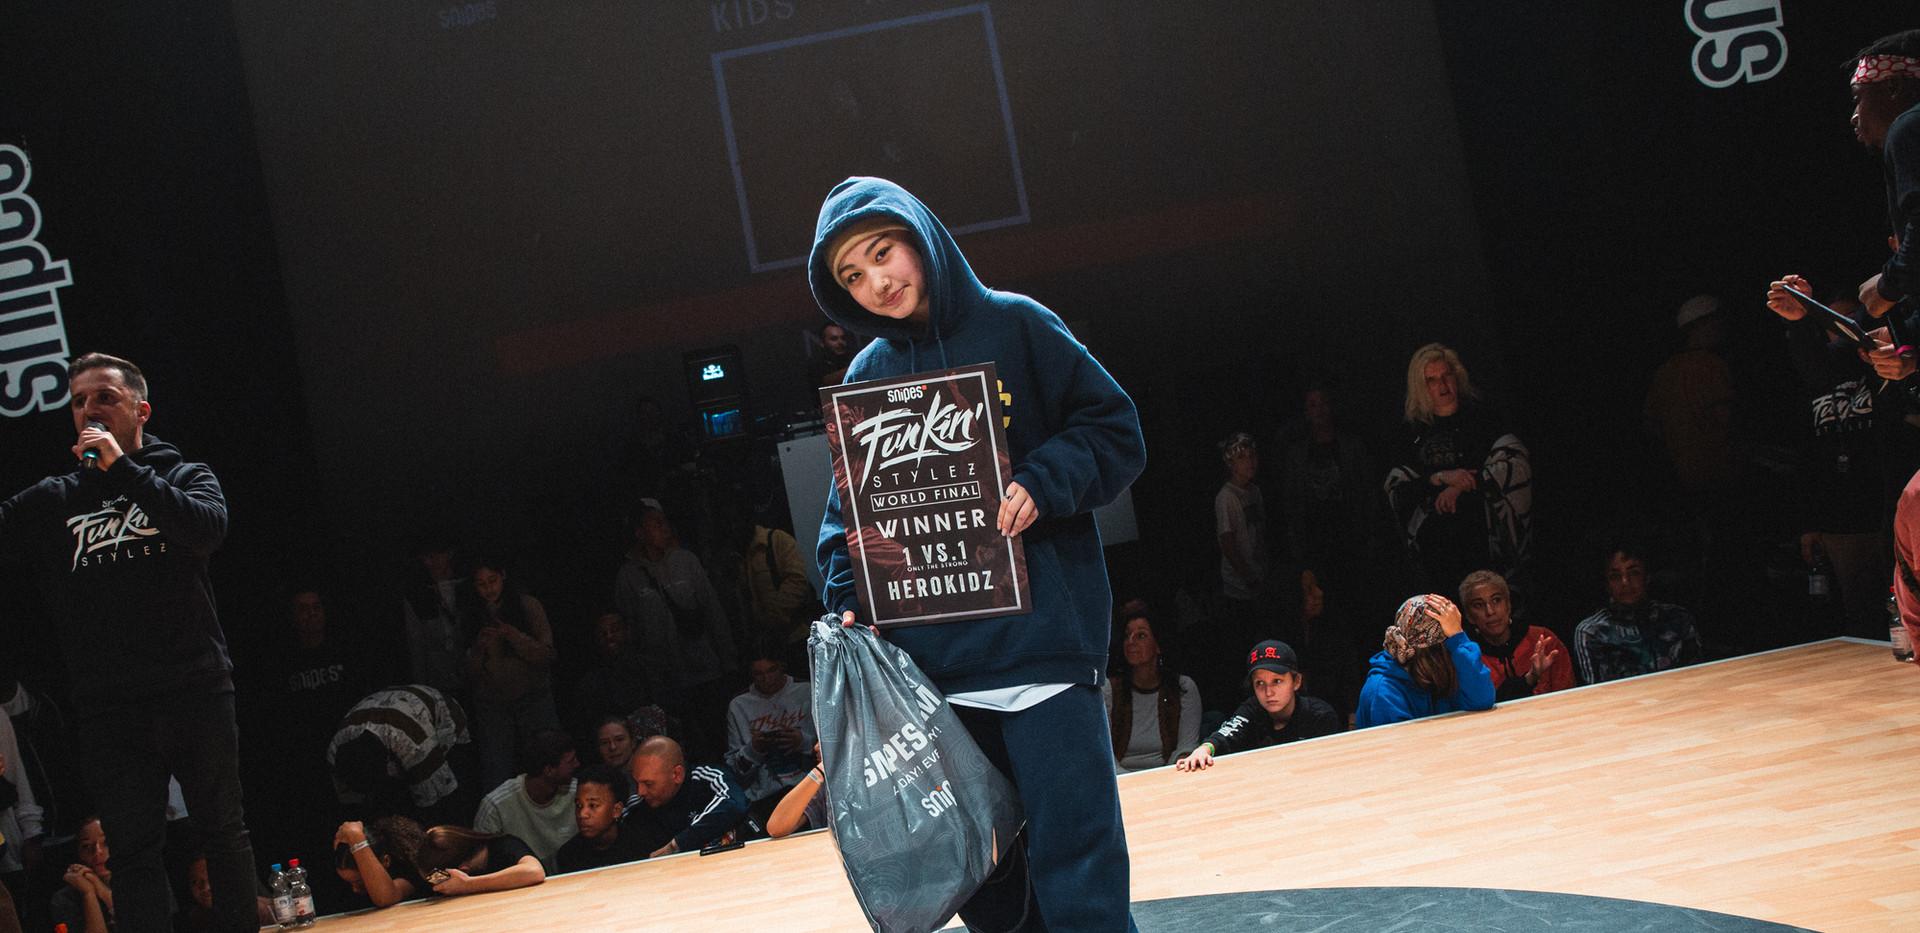 Miyu Winner Herokidz